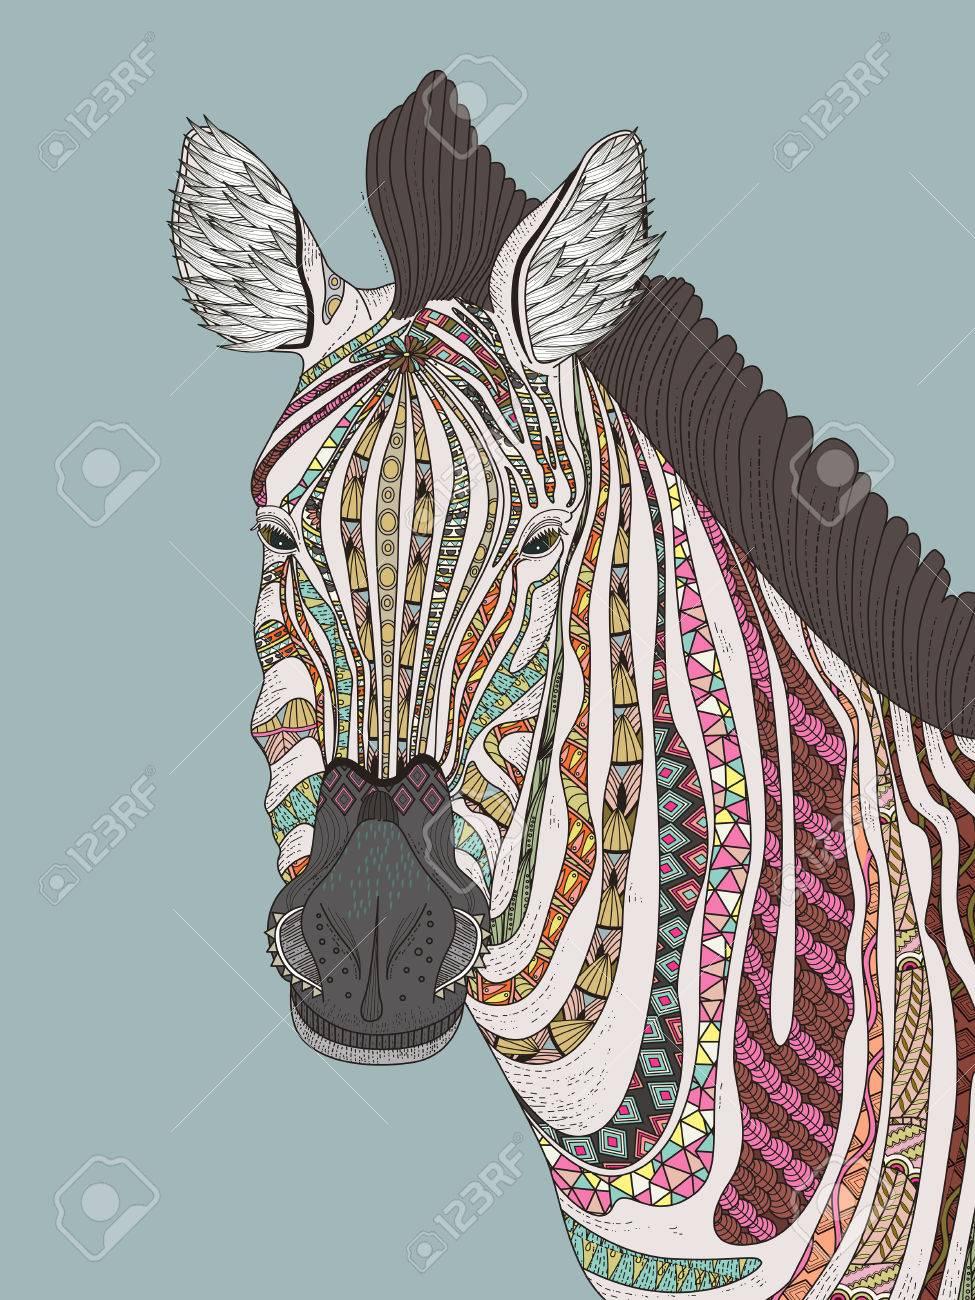 Mode Für Erwachsene Malvorlagen - Zebra Mit Attraktiven Streifen ...